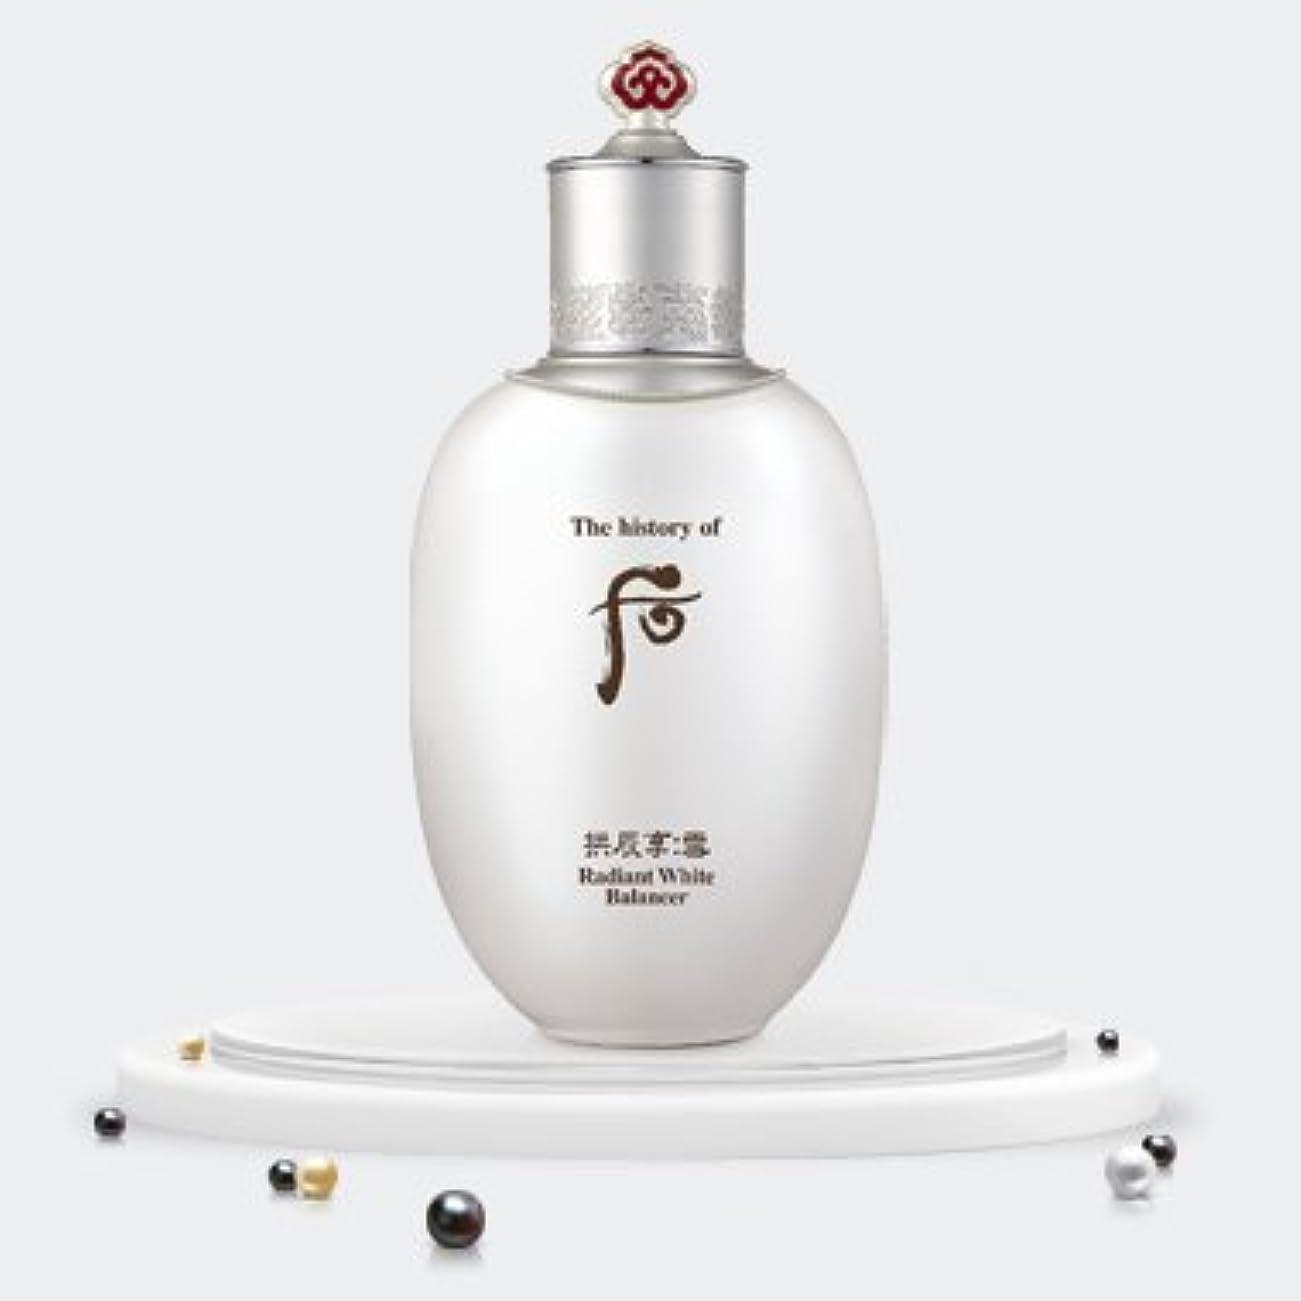 からに変化する玉ナイトスポットThe history of Whoo Gongjinhyang Seol Radiant White Balancer 150ml/ザ ヒストリー オブ フー (后) 拱辰享 雪 ラディアント ホワイト バランサー 150ml